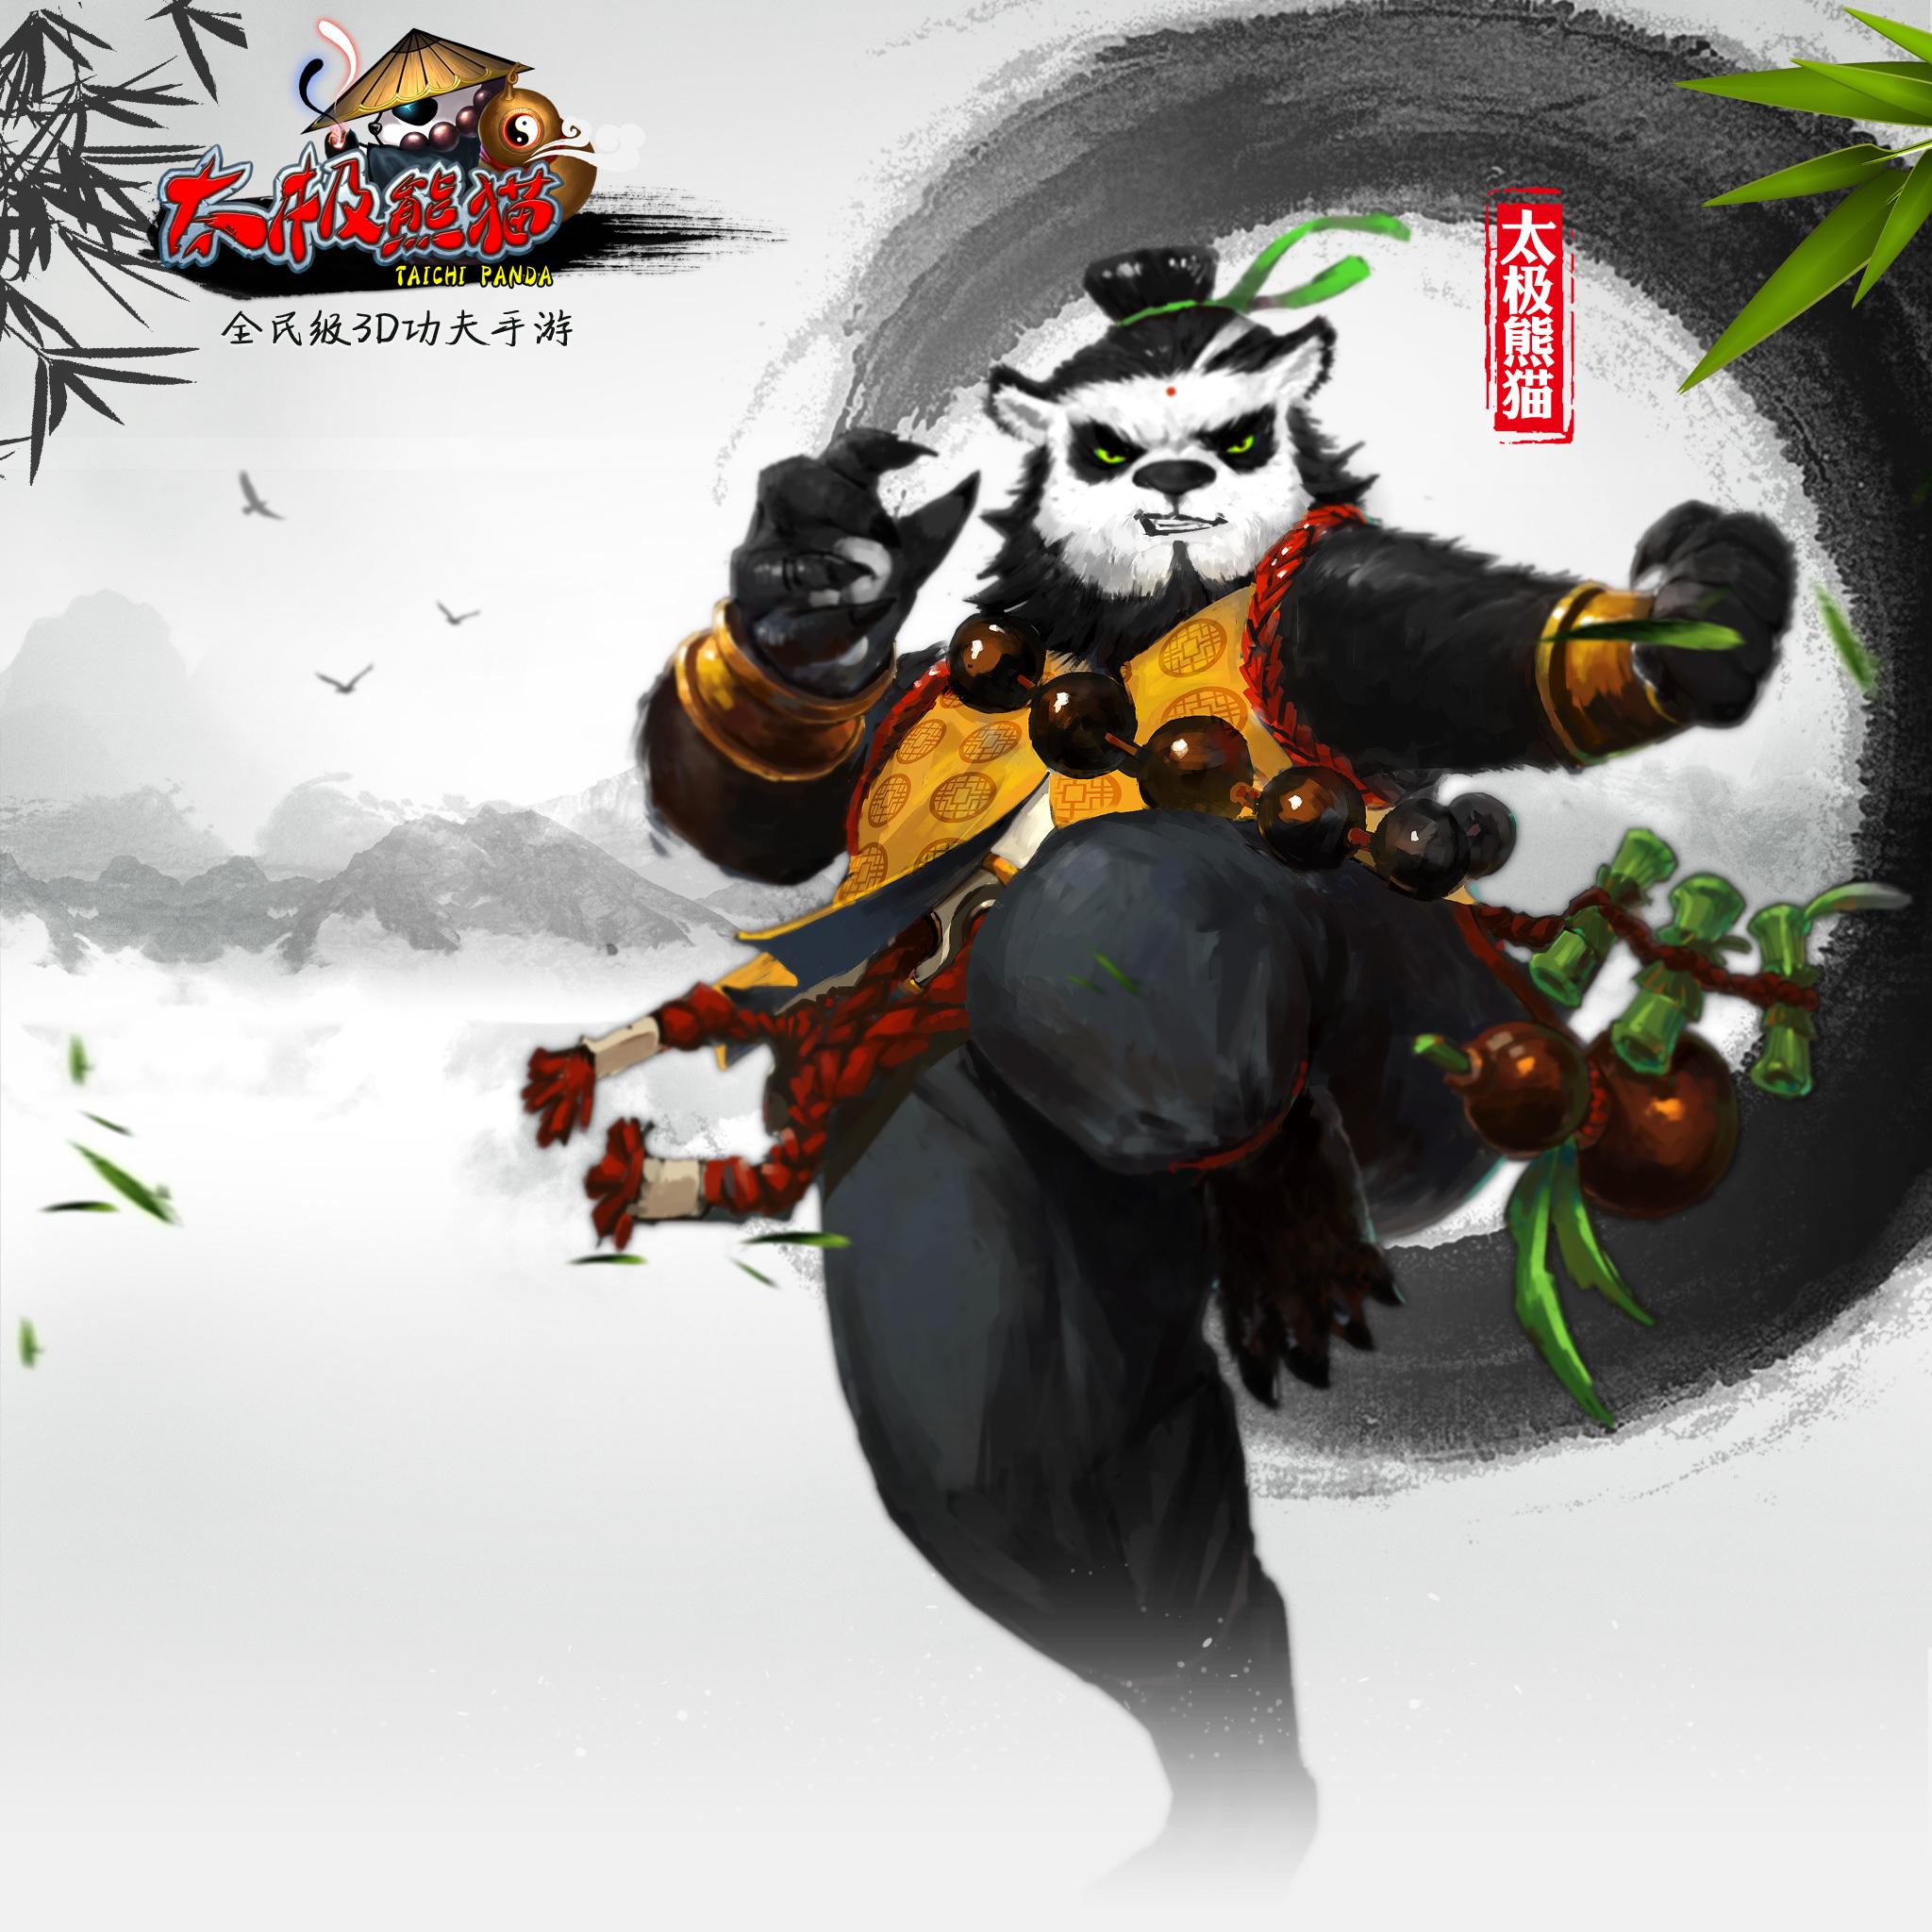 ipad壁纸:2048-2048_360太极熊猫图集_360游戏大厅